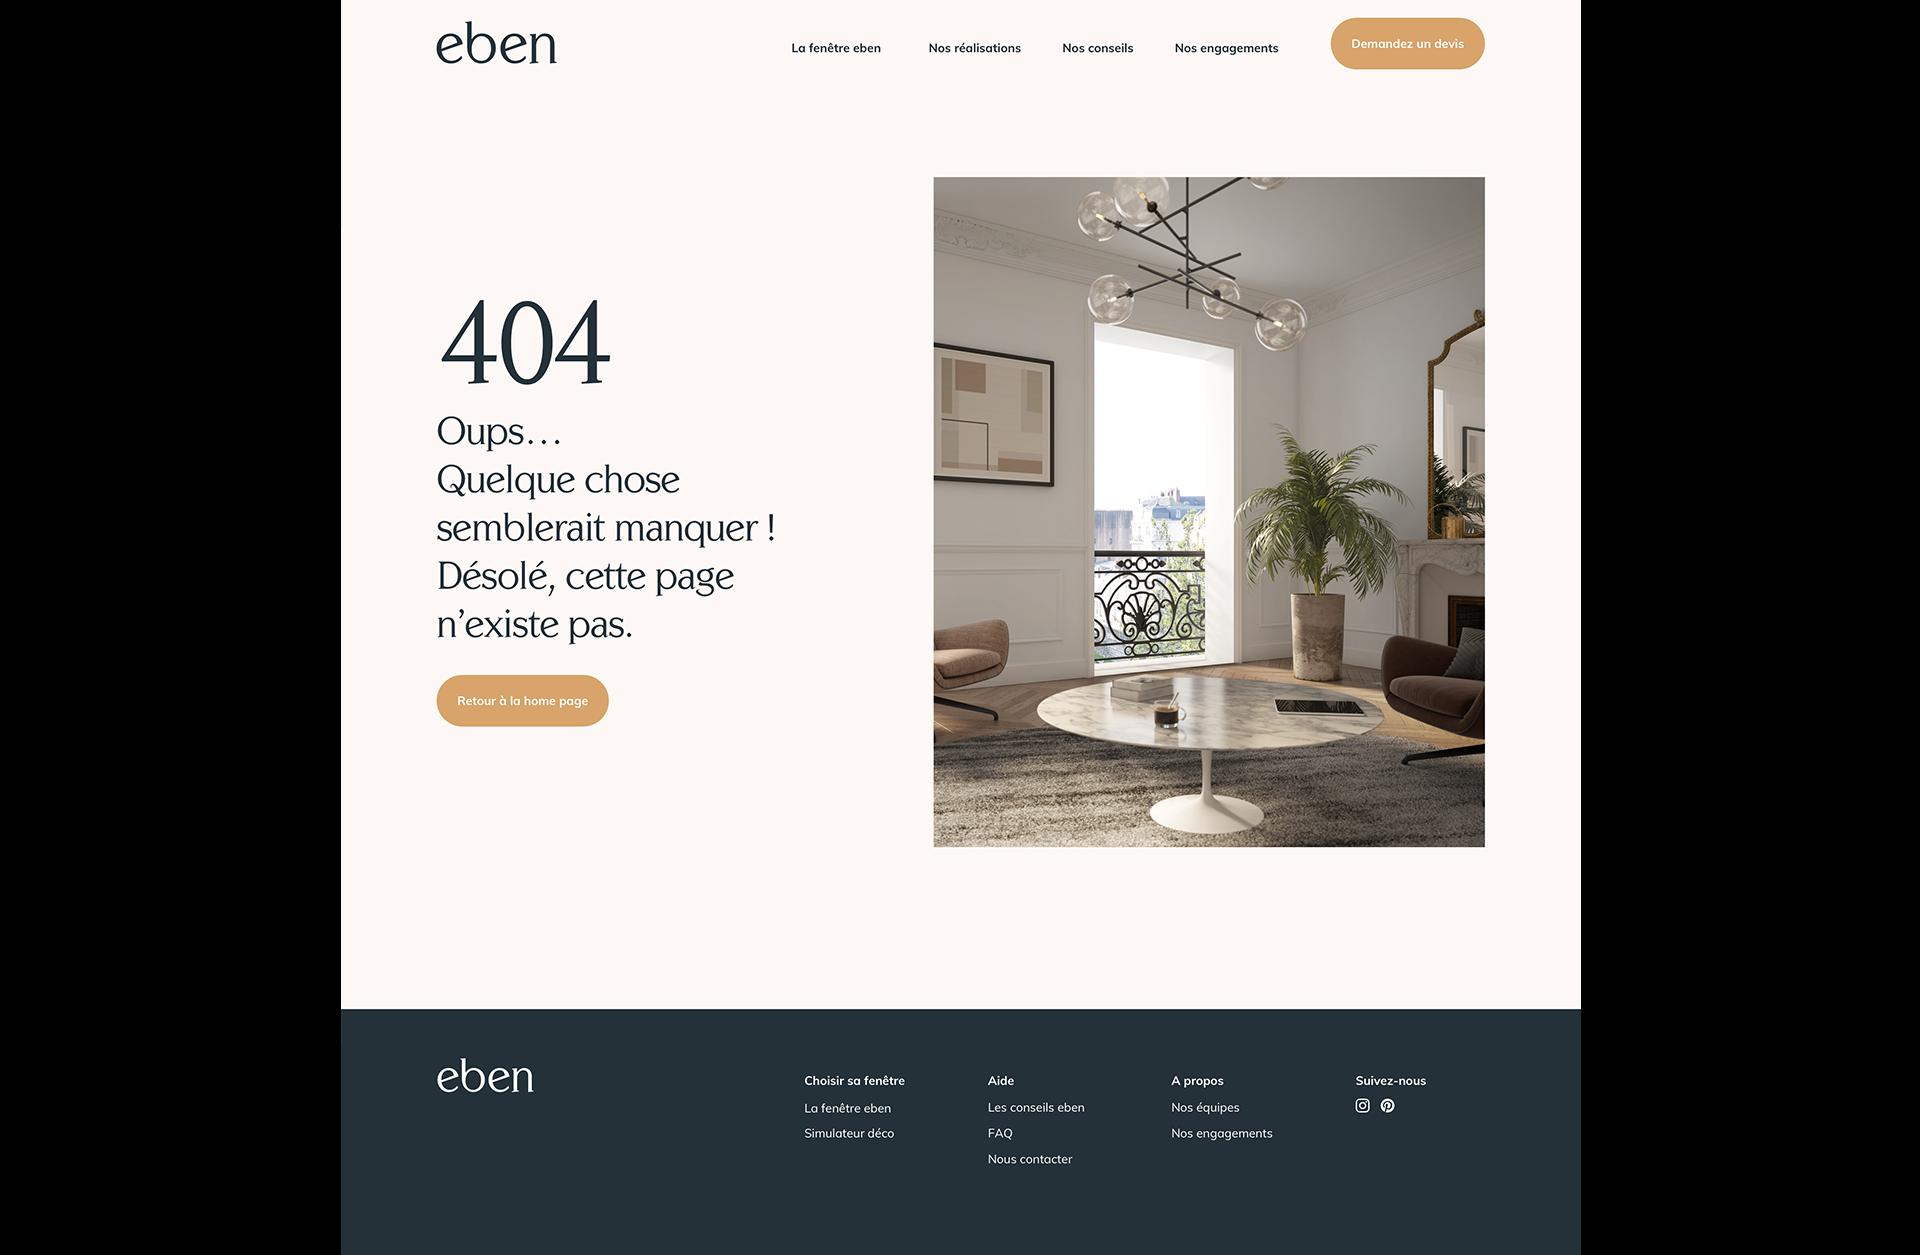 eben-prez-maquette-5